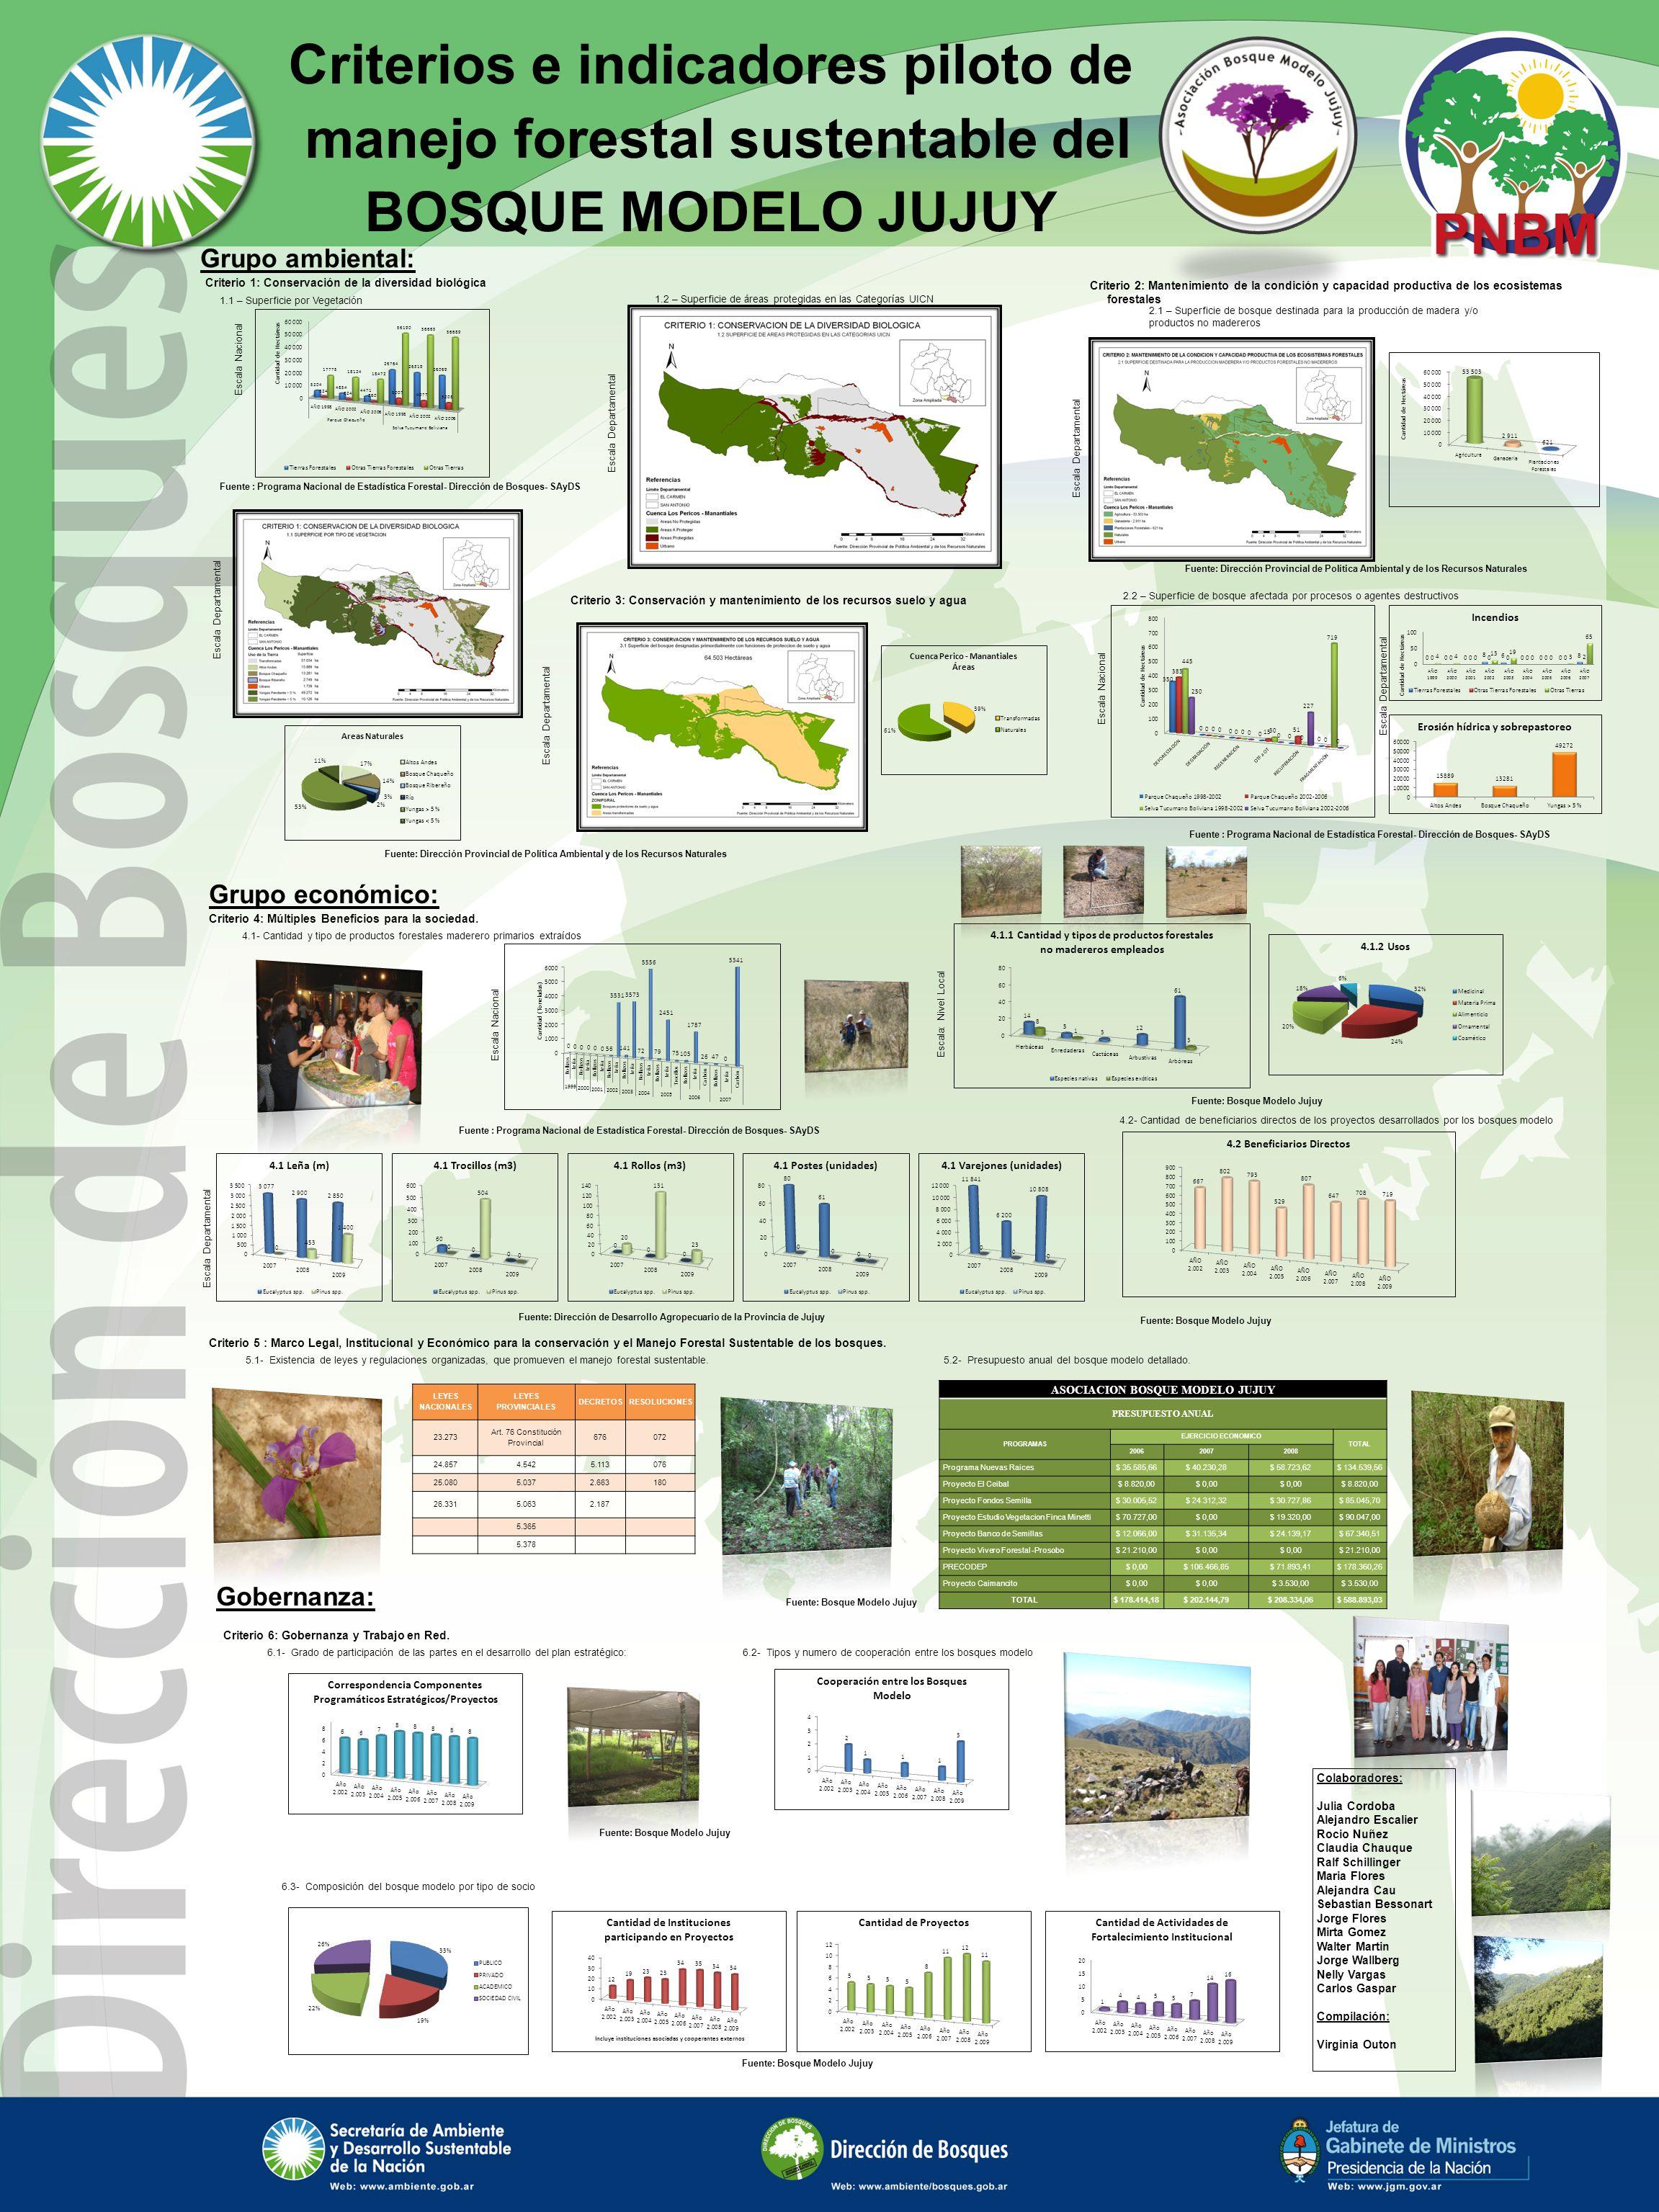 Criterios e indicadores piloto de manejo forestal sustentable del